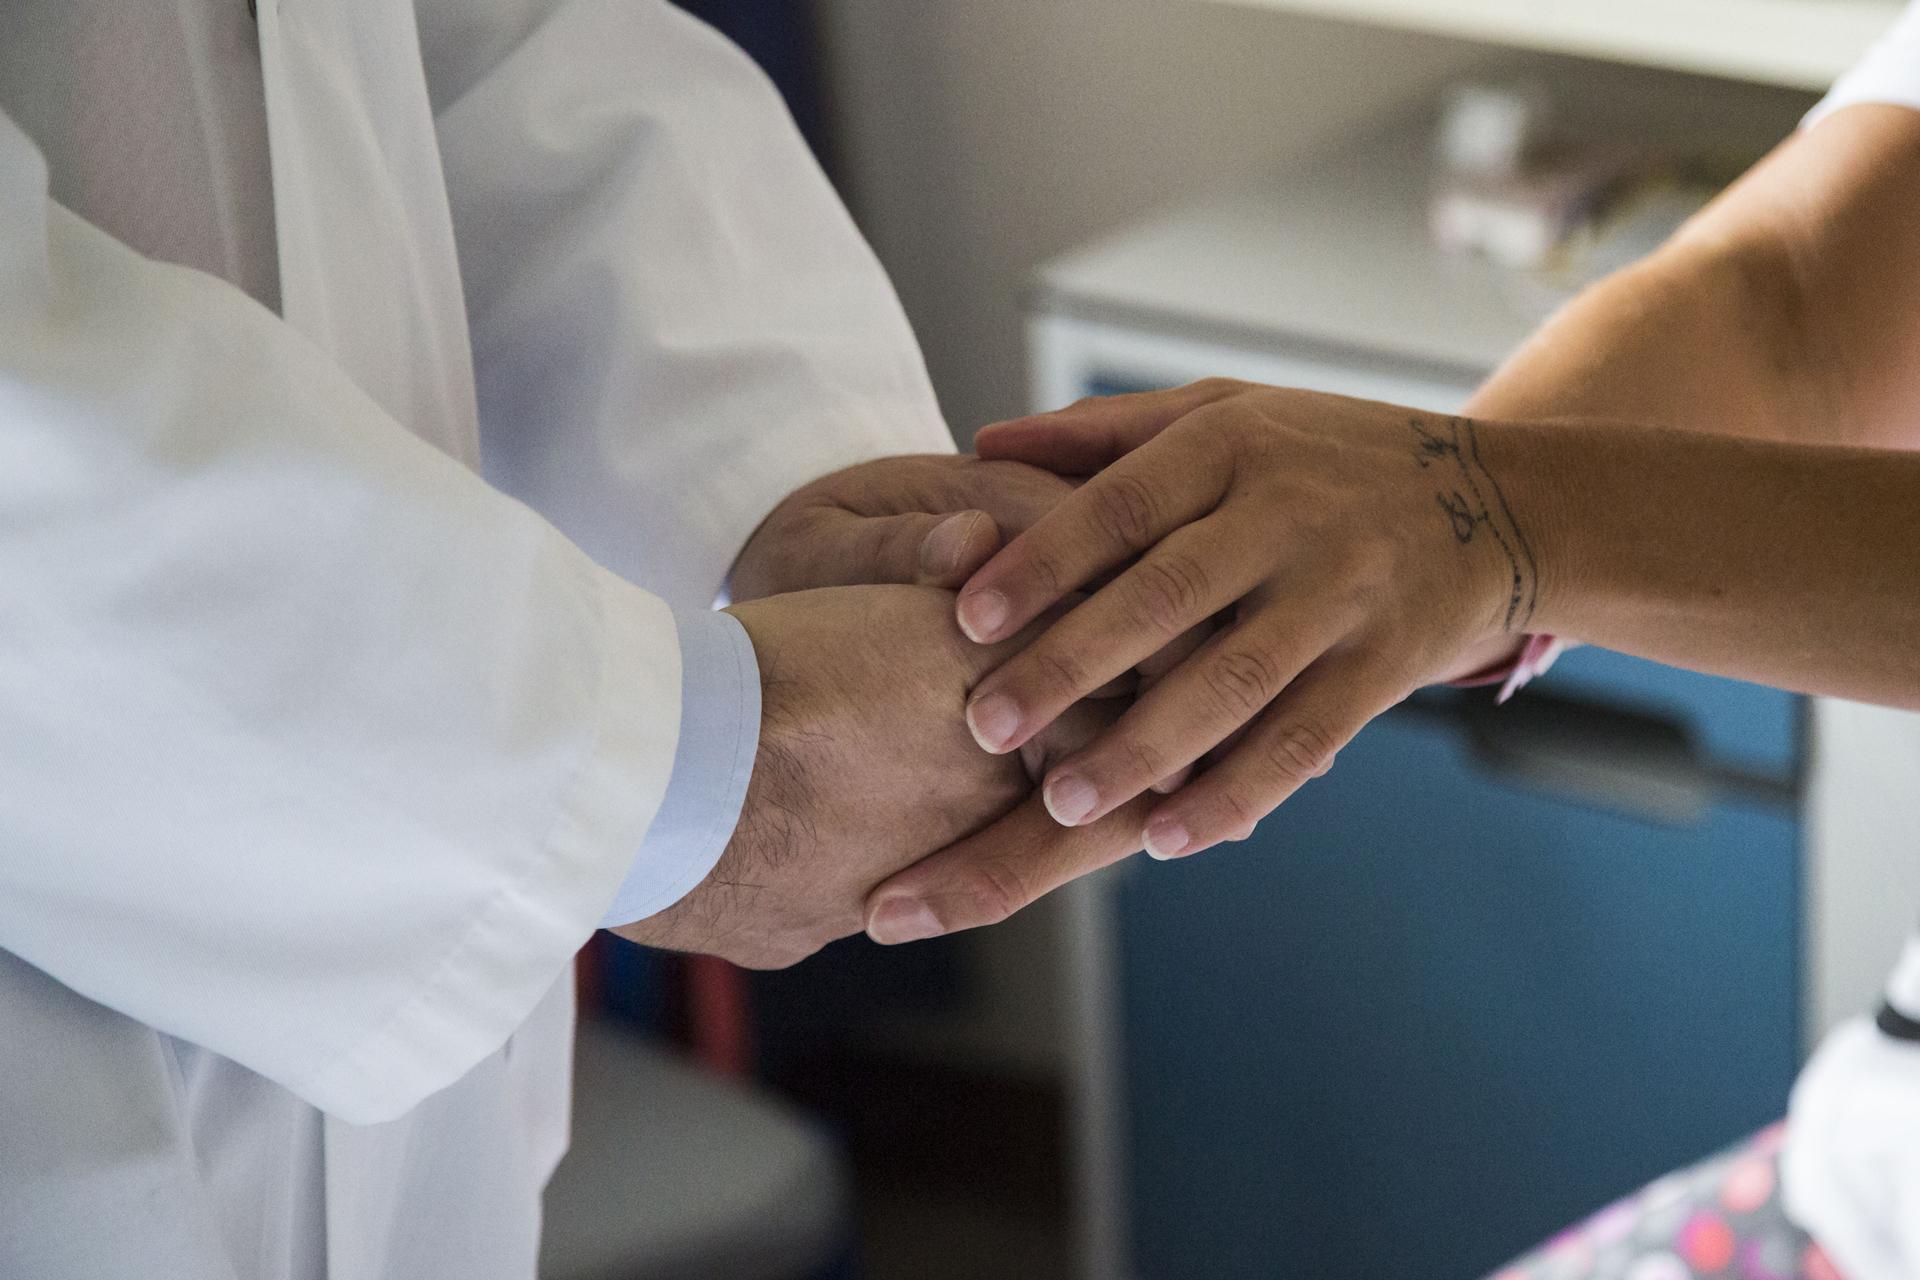 Costruire un'idea per istruire una coscienza oncologica